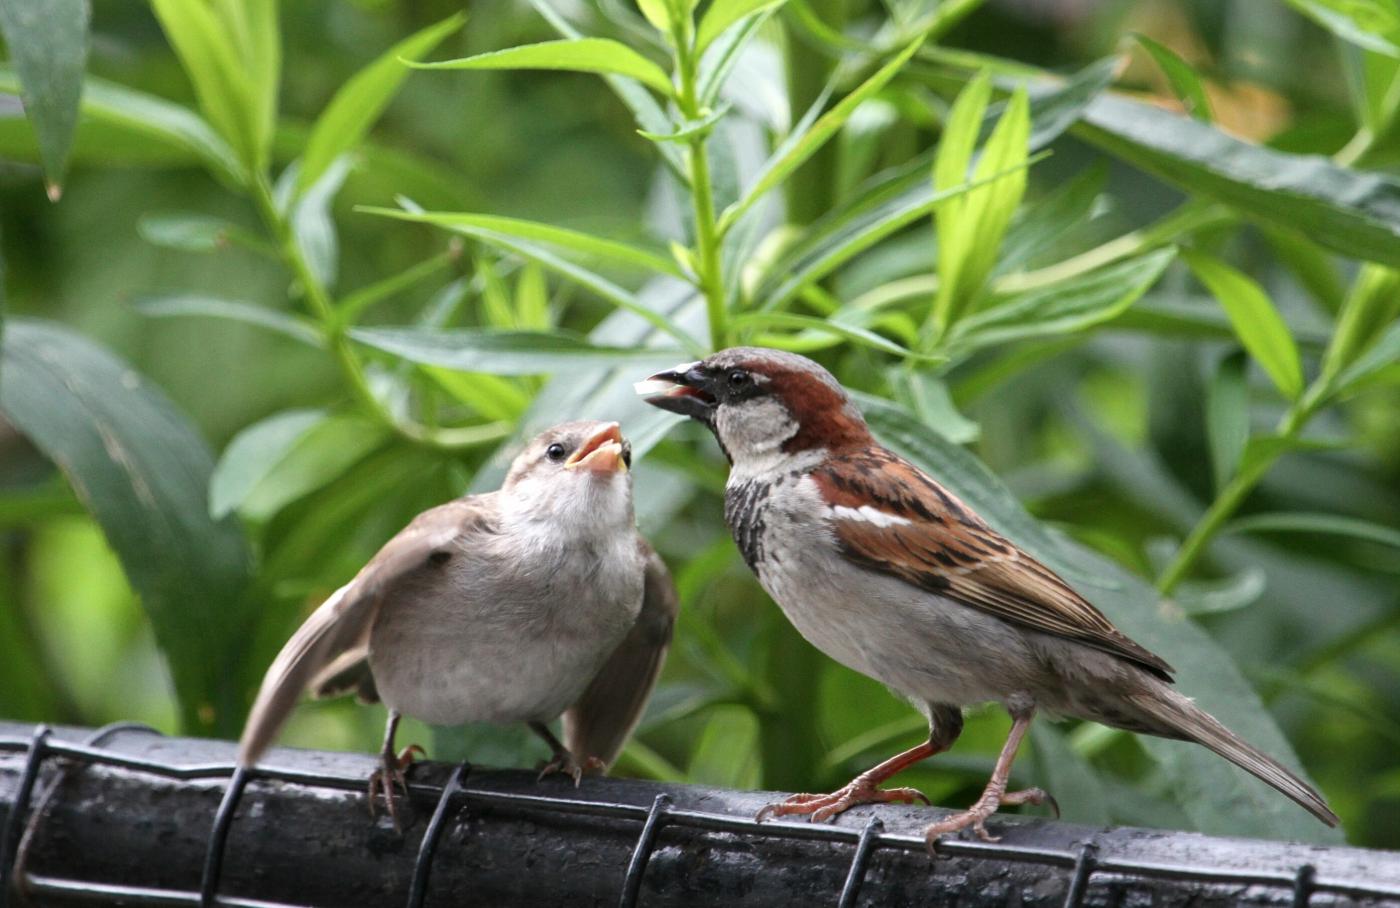 【田螺摄影】在公园拍麻雀喂养_图1-4